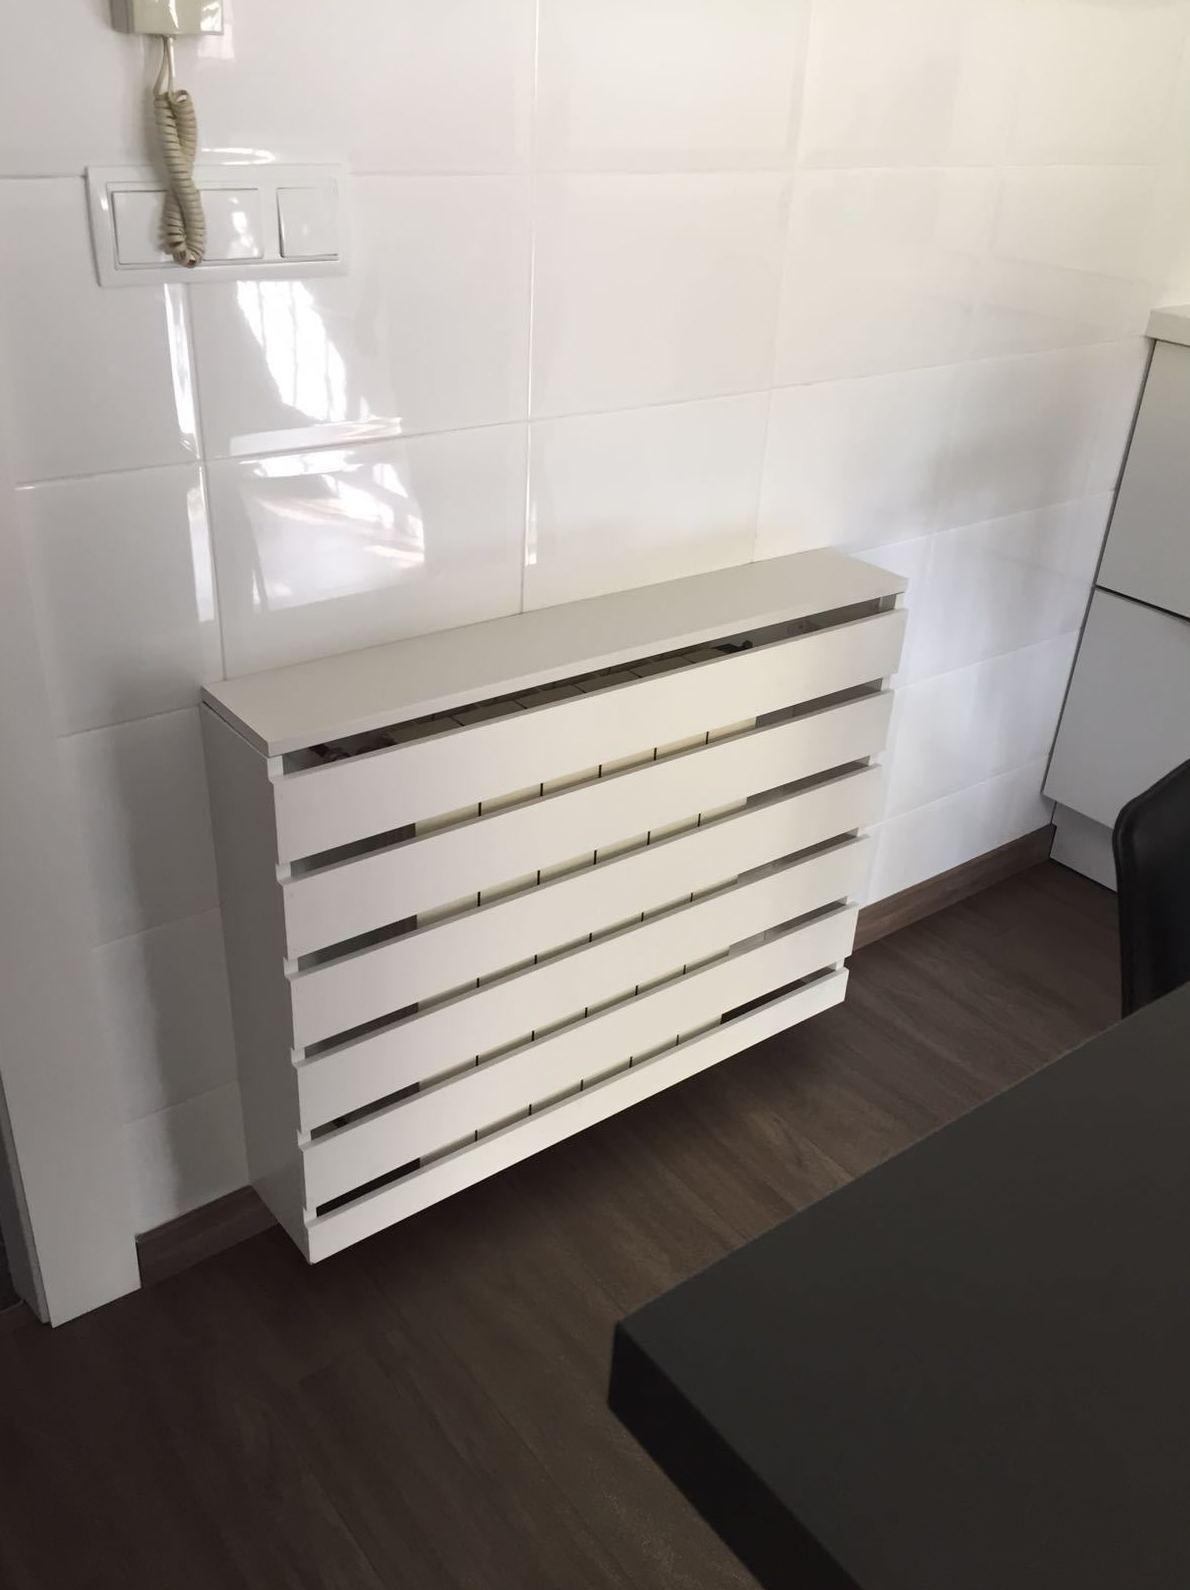 radiadores  con decoración en  blanco, elegancia y funcionalidad